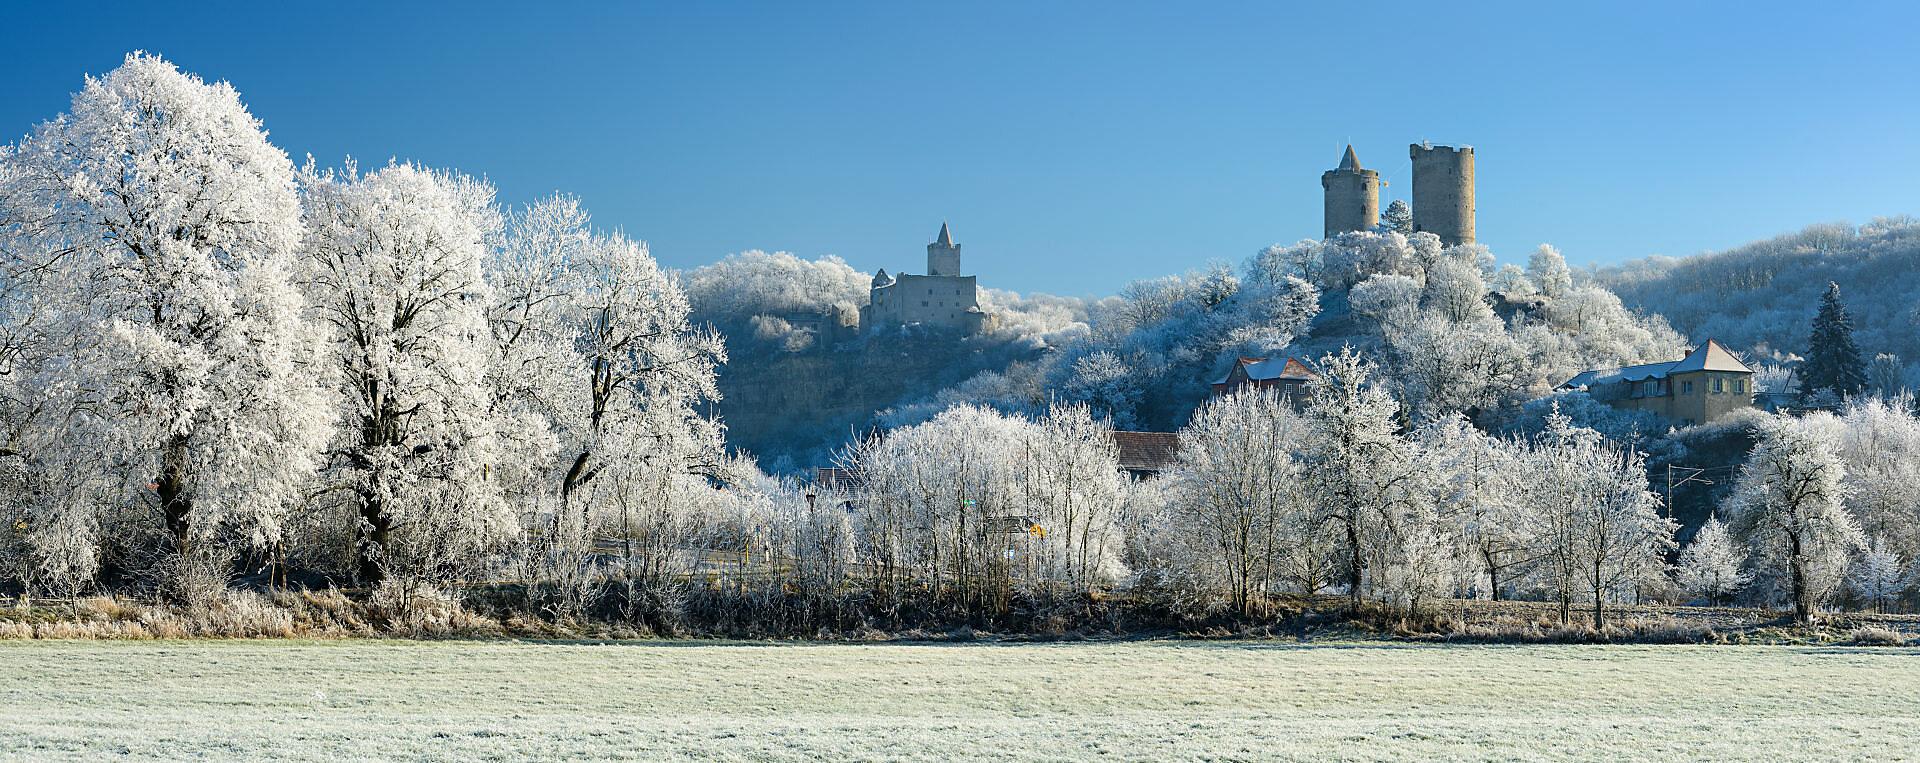 Deutschland, Sachsen-Anhalt, Burgenlandkreis, Bad Kösen, Saaletal, Ruine Rudelsburg, Burg und Dorf Saaleck, Winter, Raureif